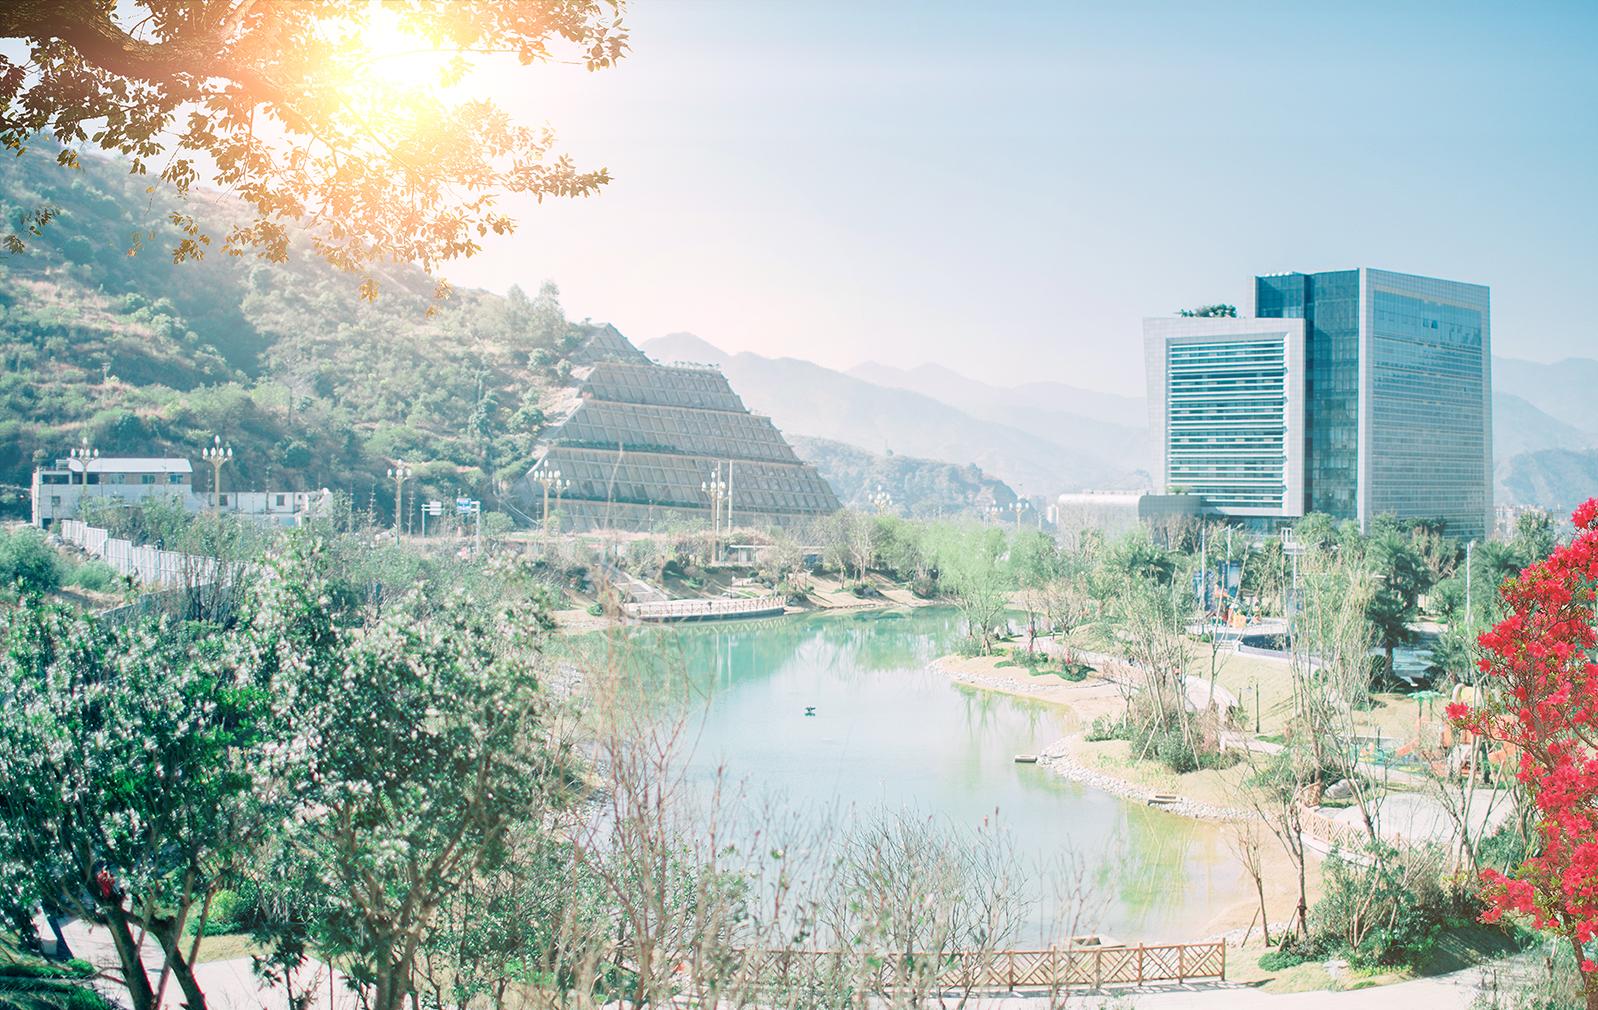 小石潭公园